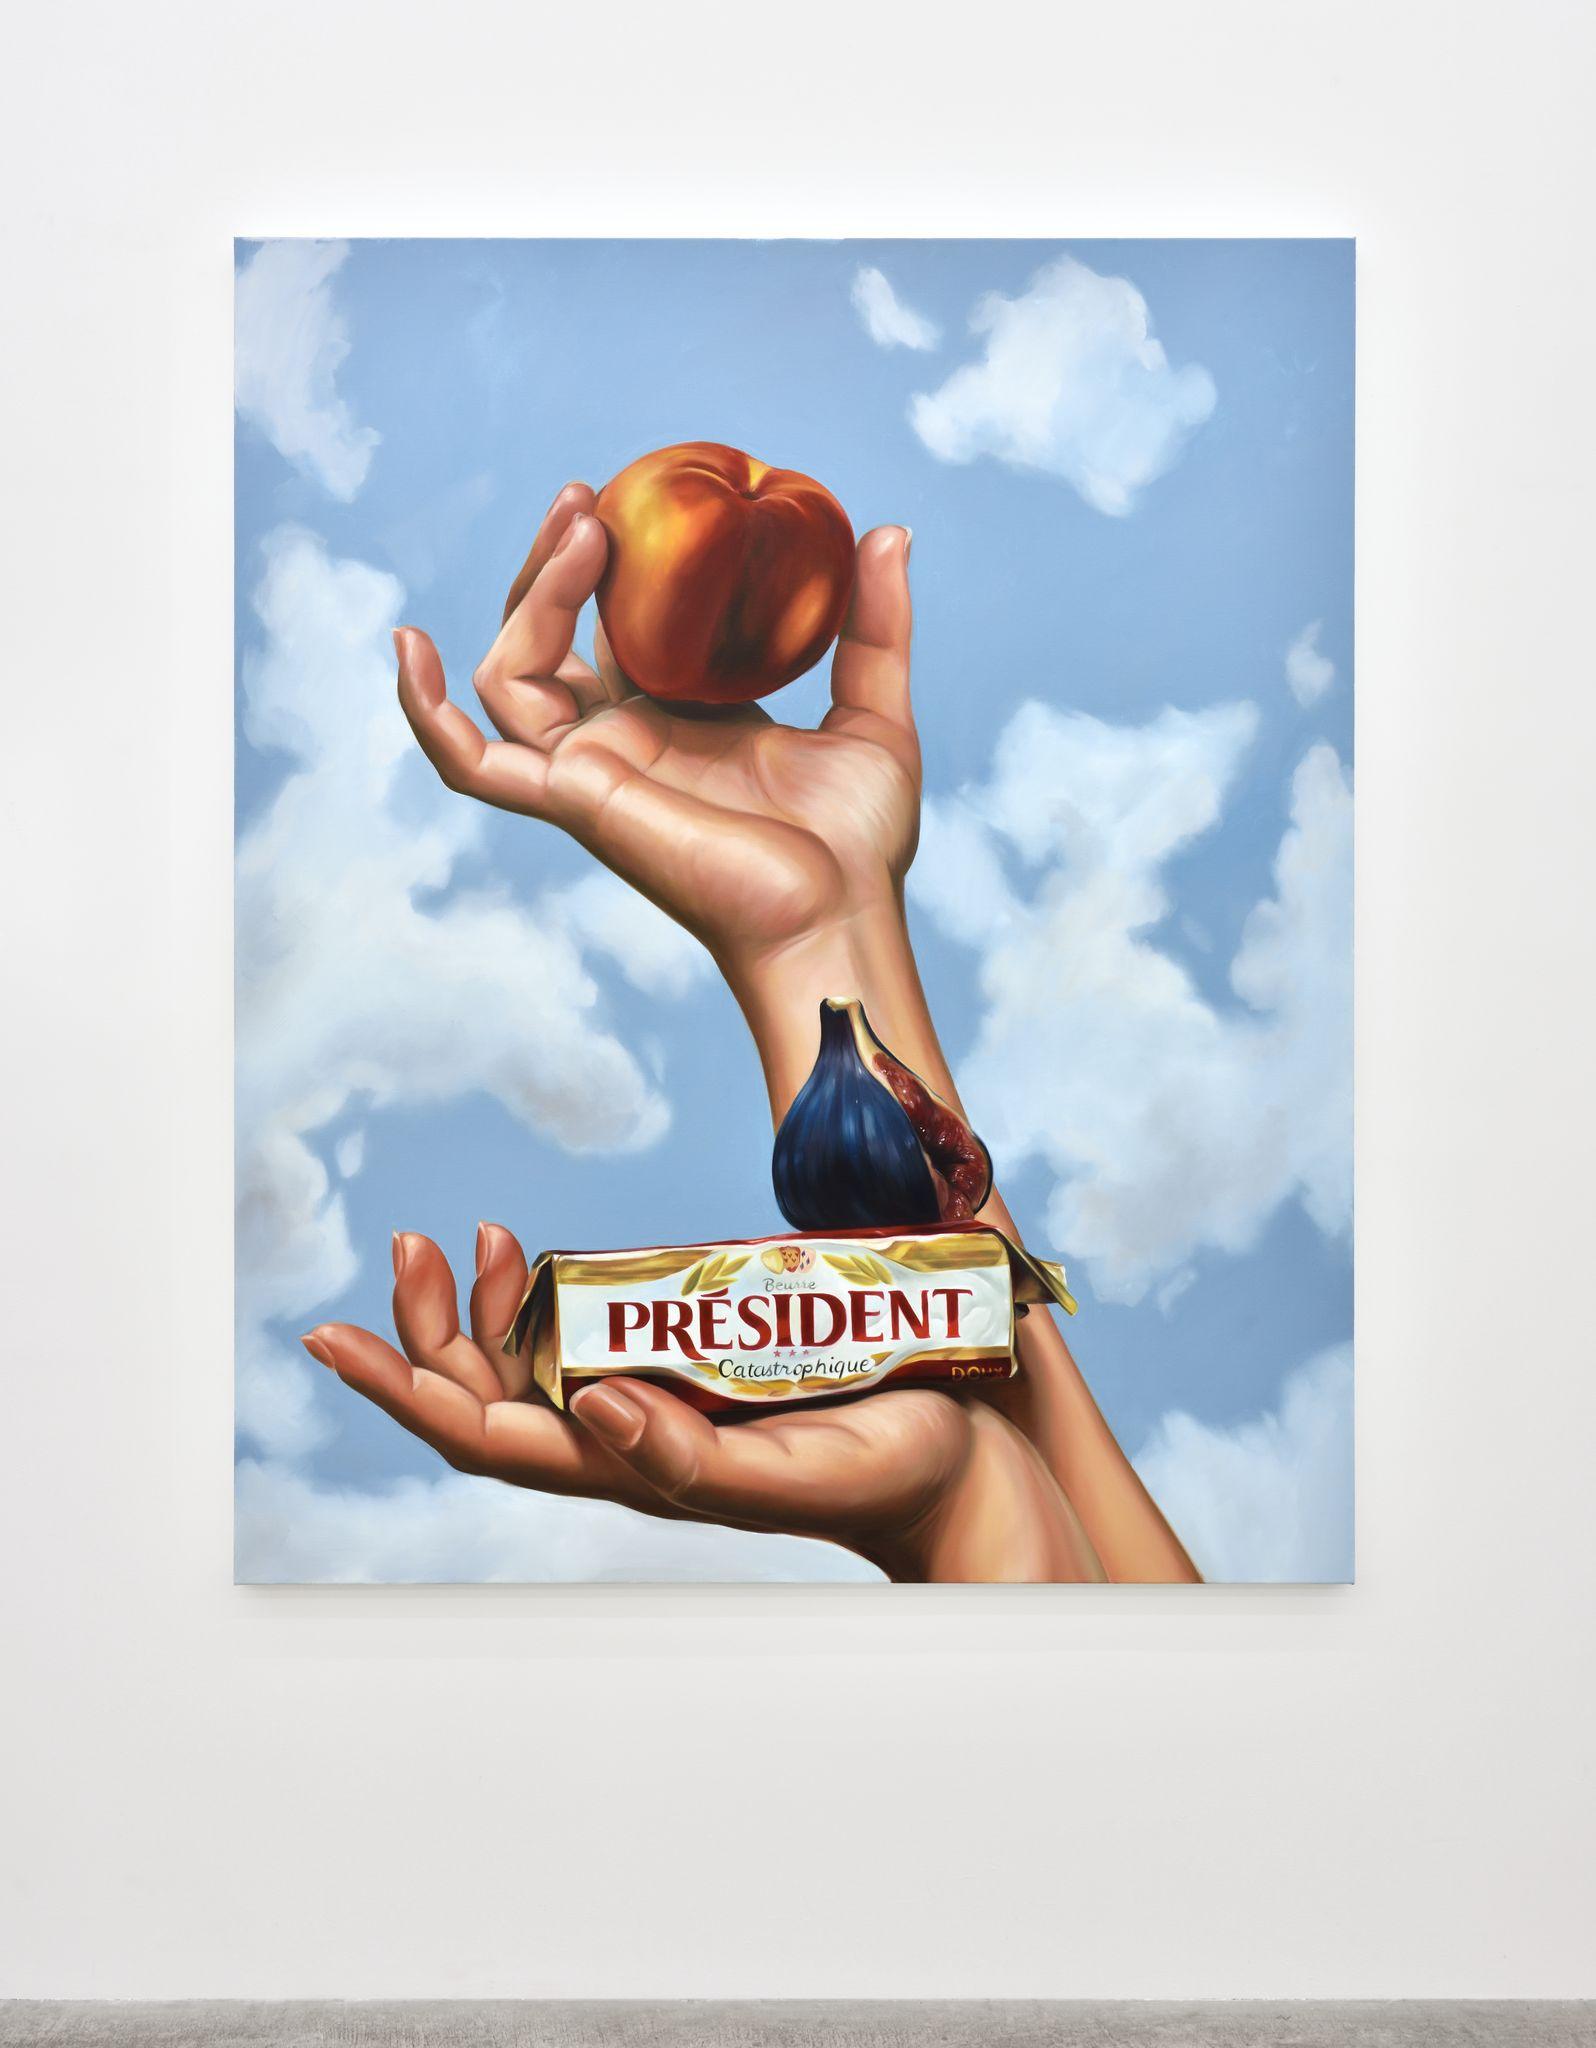 Still life with peach, president, 2017. Oil on canvas, 182,9 x 152,4 cm